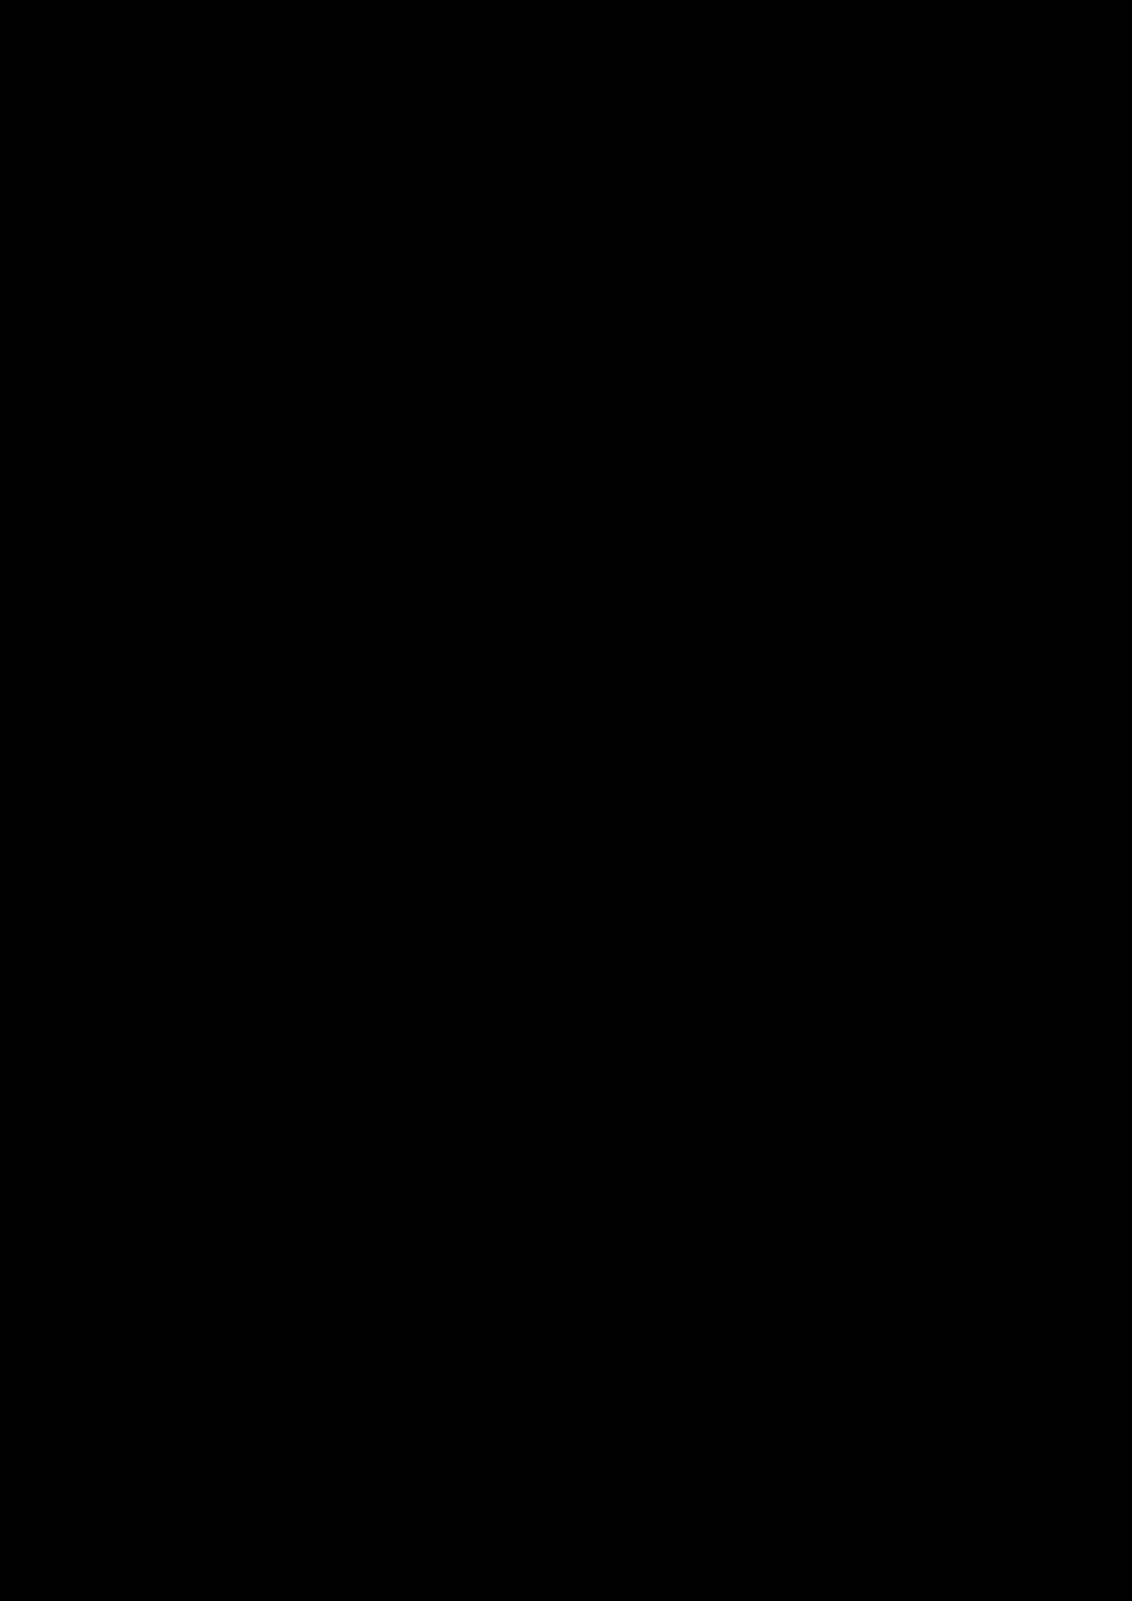 Vyibor Est slide, Image 42